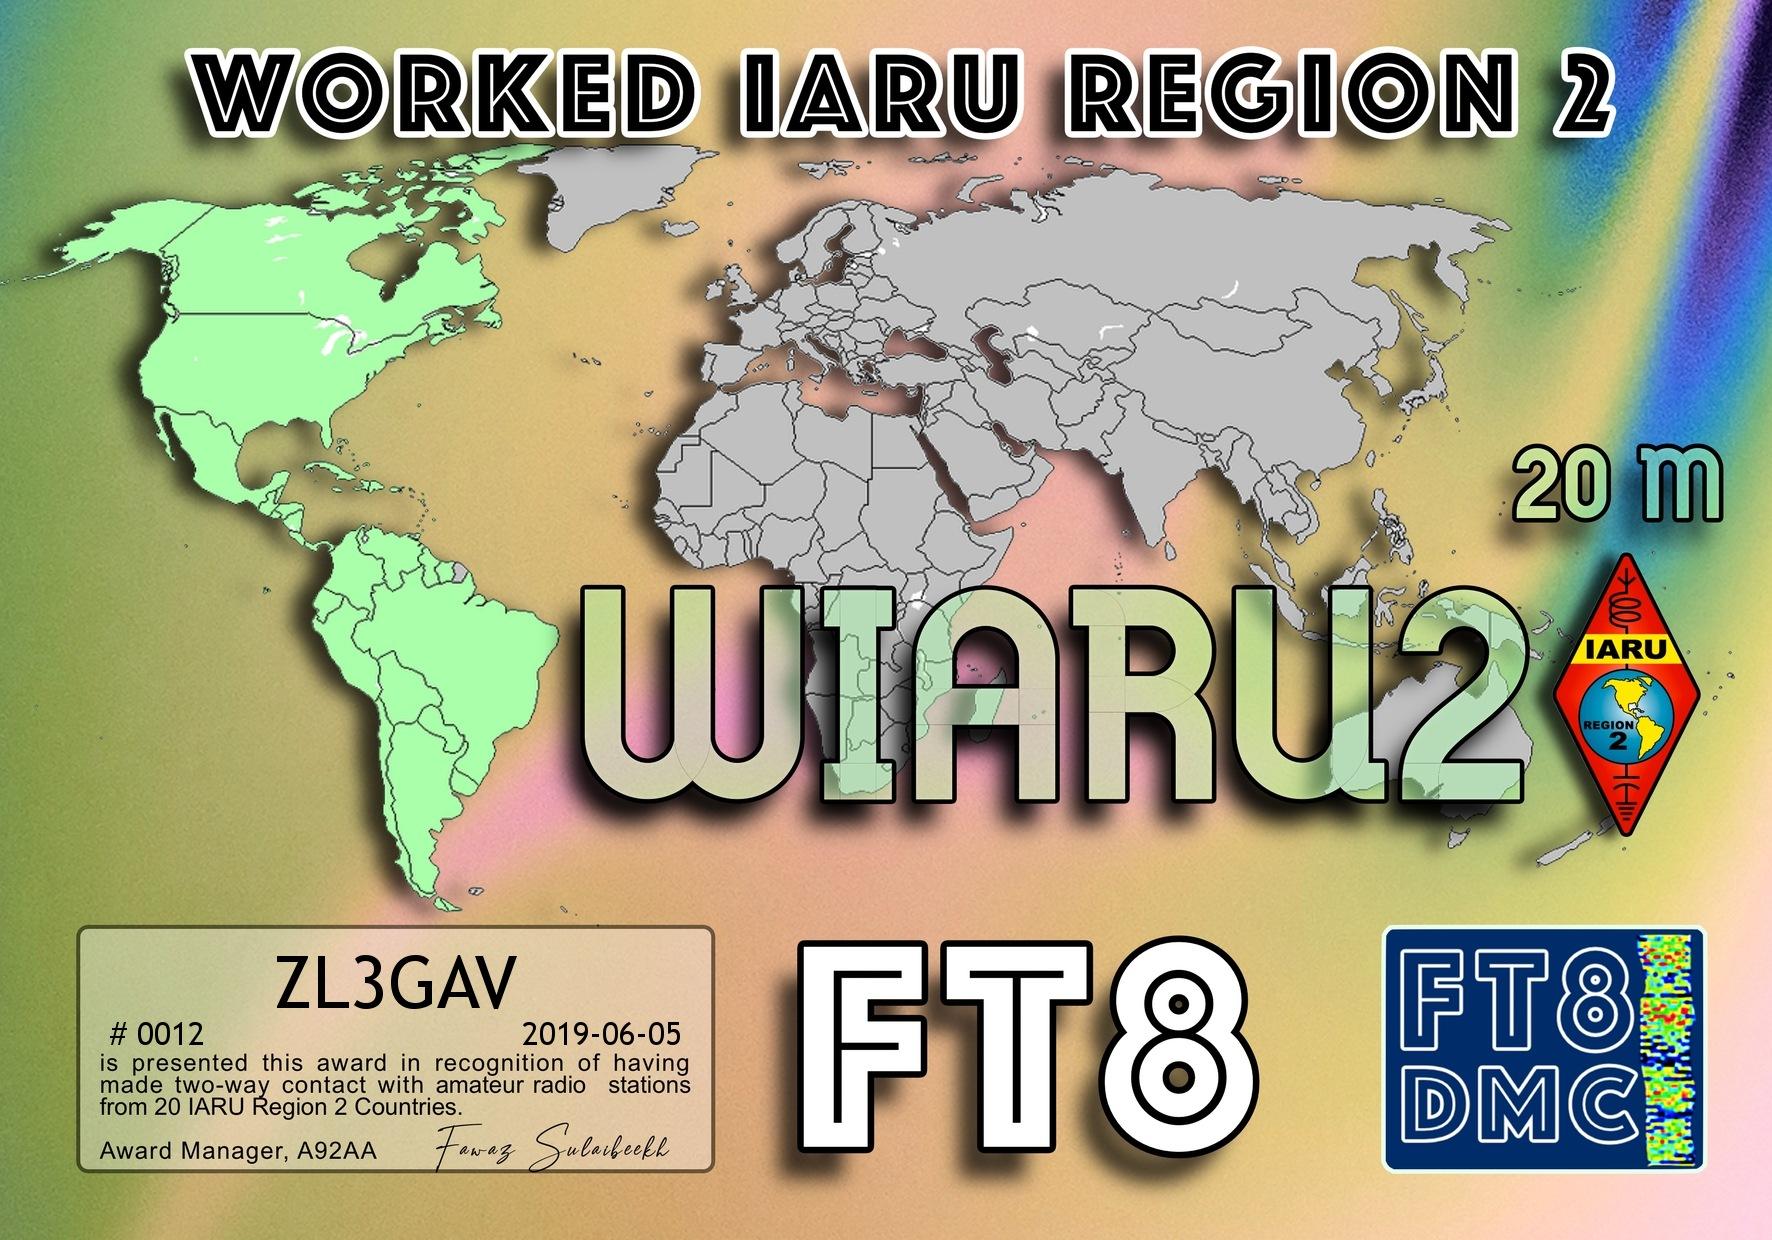 ZL3GAV-WIARU2-20M.jpg